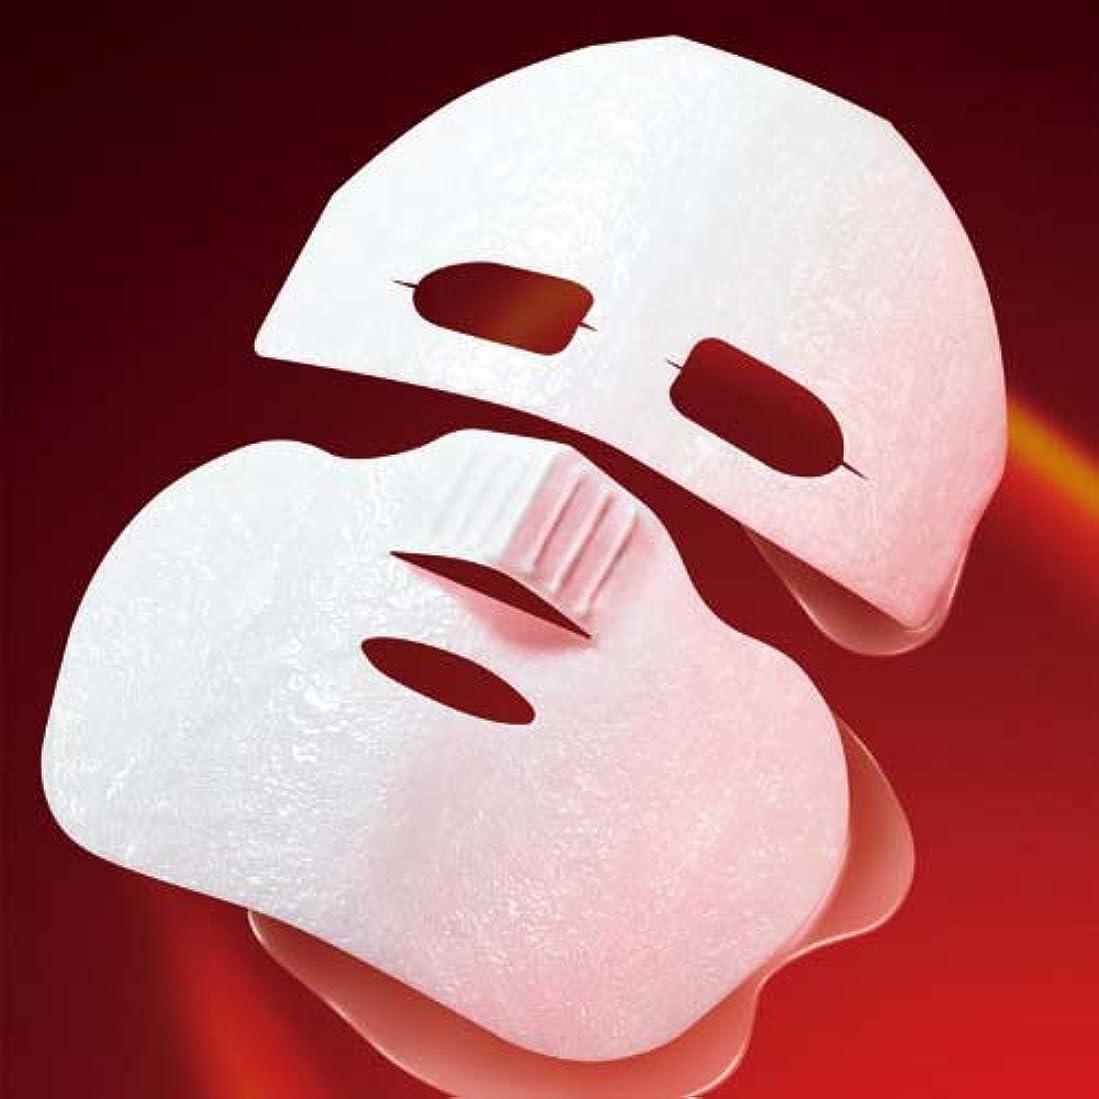 ジャンピングジャックマダムシャークSK-II スキン シグネチャー 3D リディファイニング マスク(シートマスク)6セット